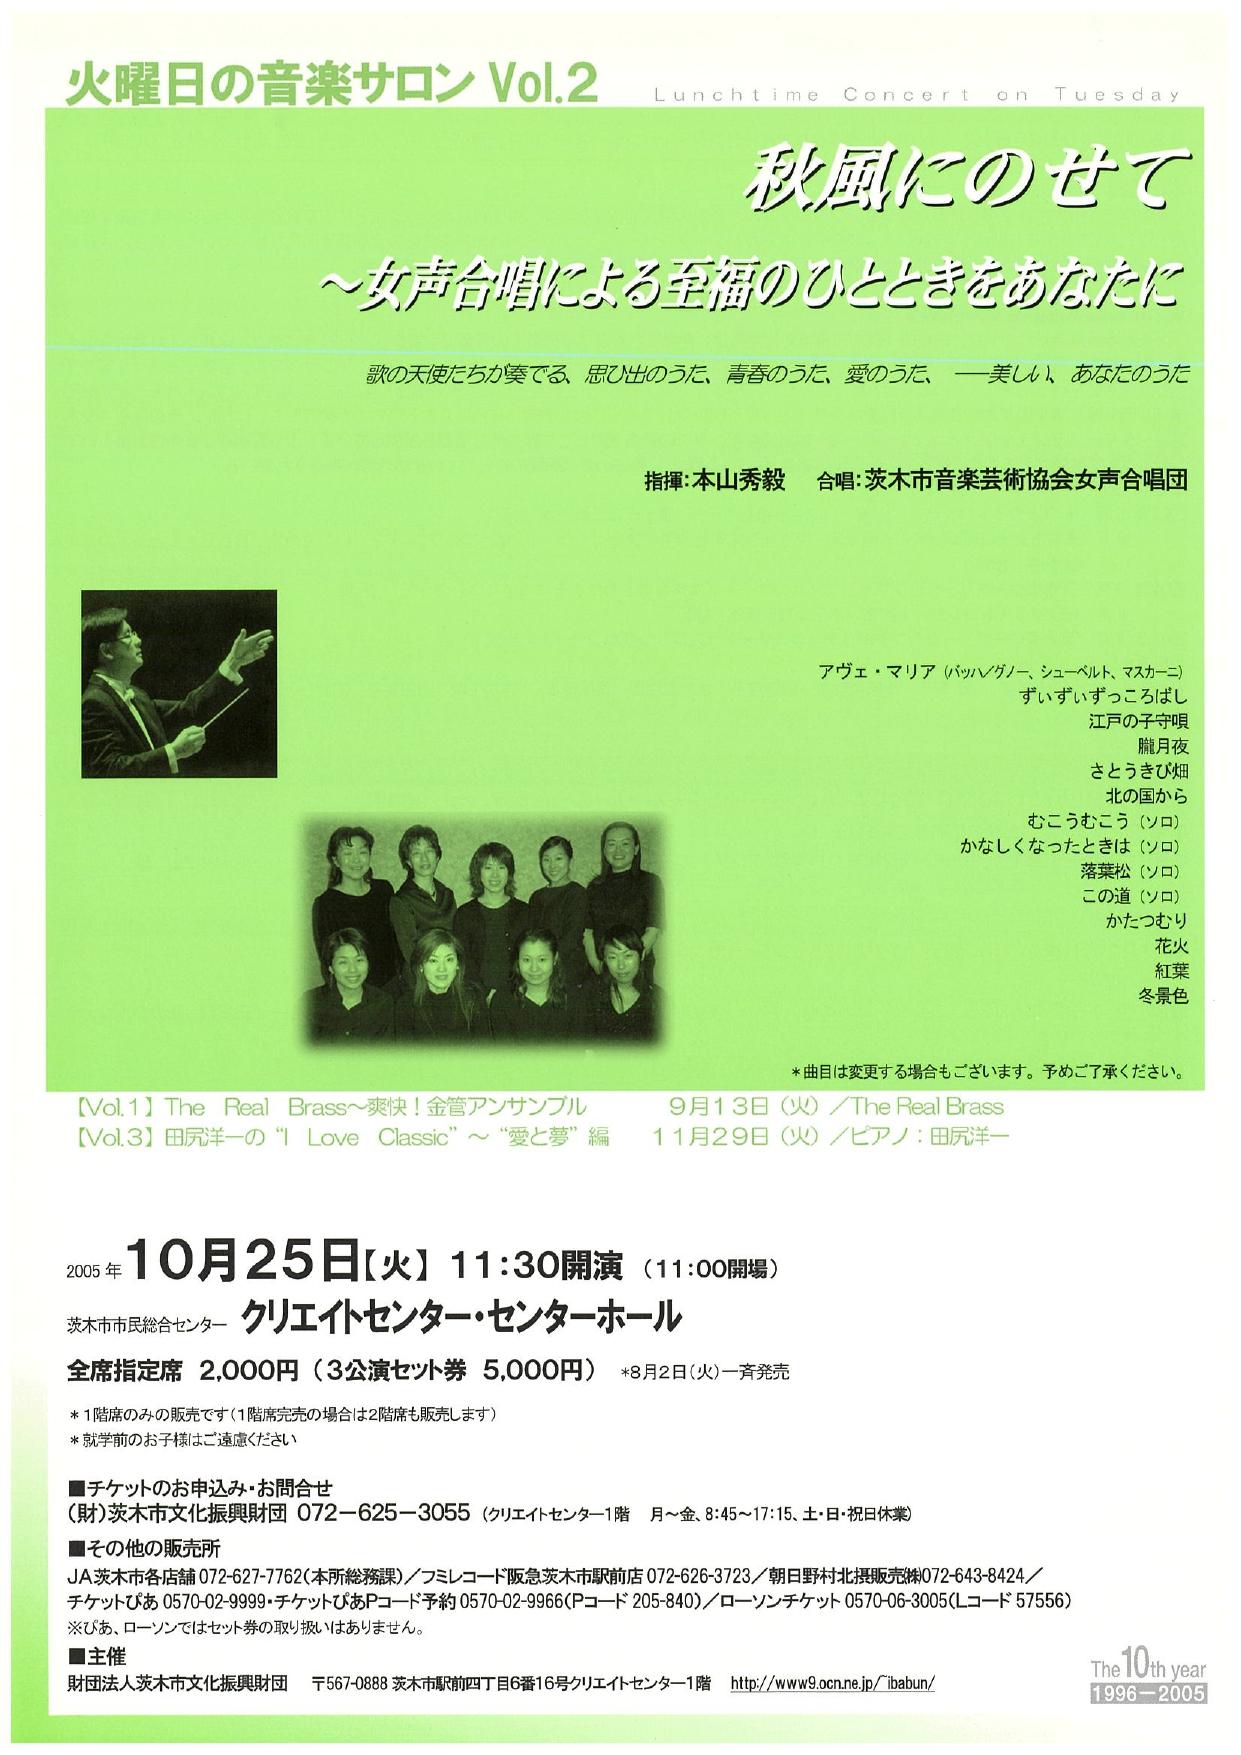 火曜日の音楽サロンVol.2 茨木市音楽芸術協会女声合唱団